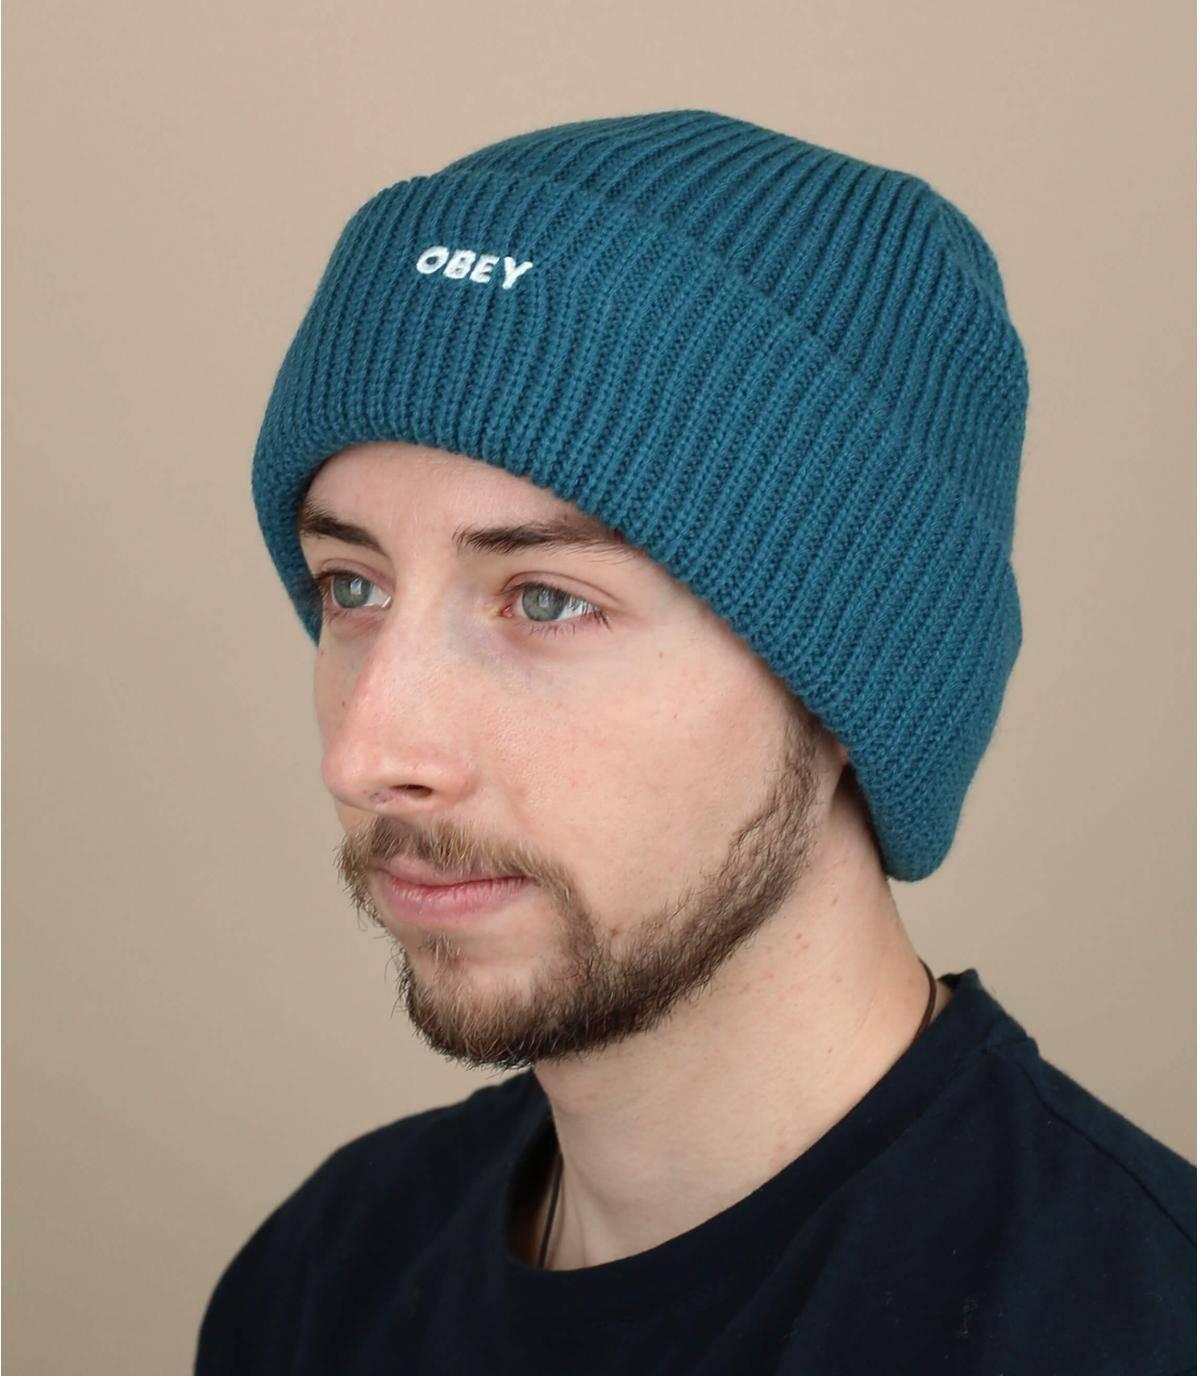 bonnet Obey bleu